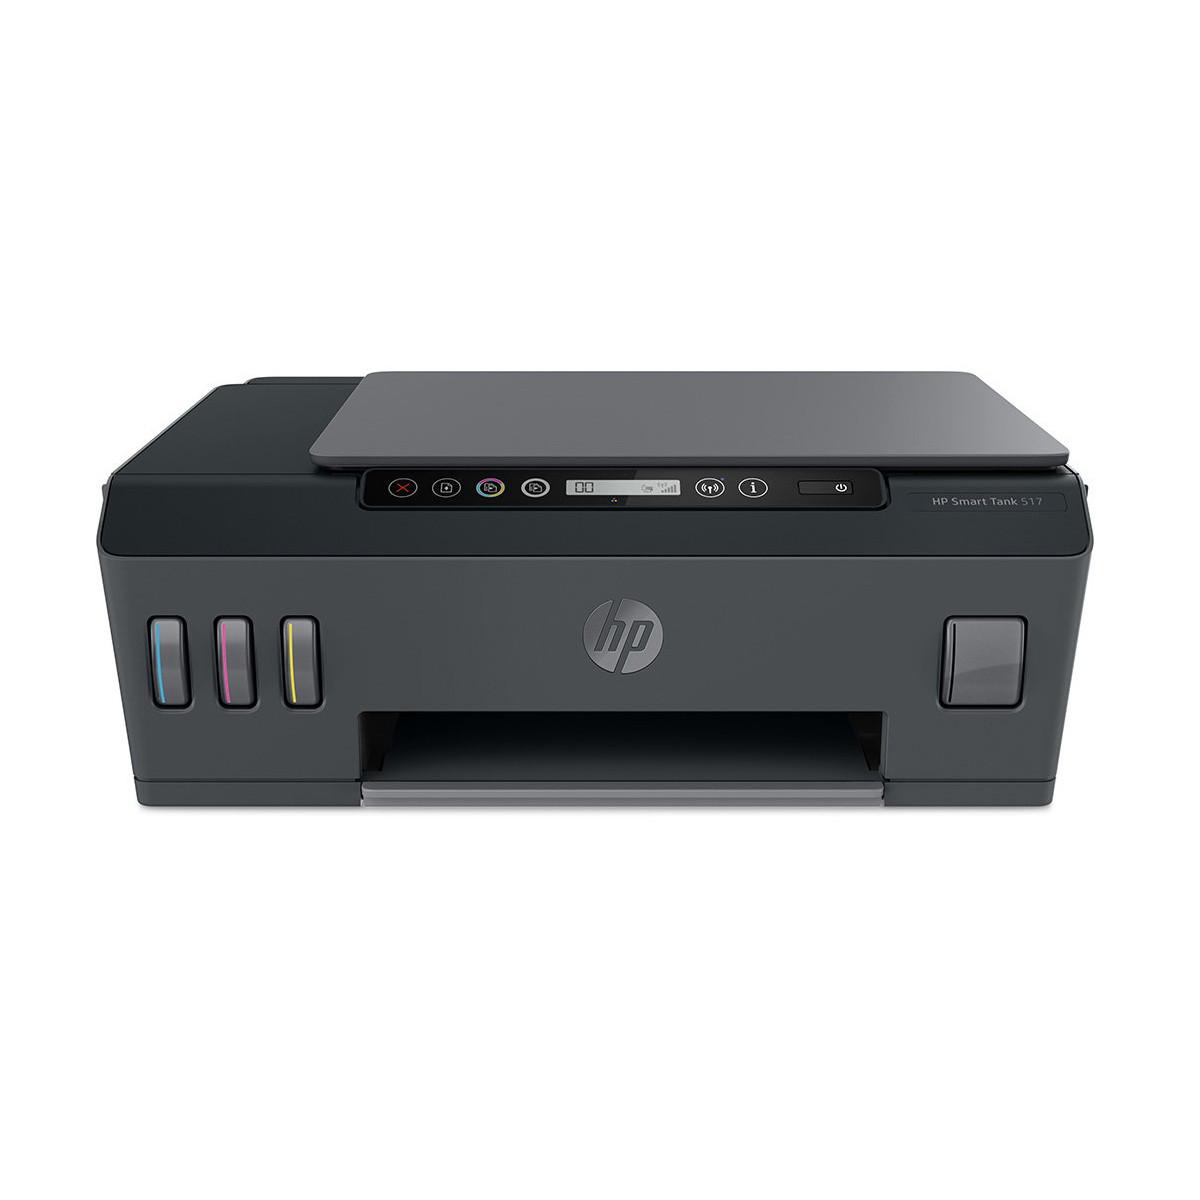 Impressora HP Smart Tank 517 1TJ10A Multifuncional com Wireless